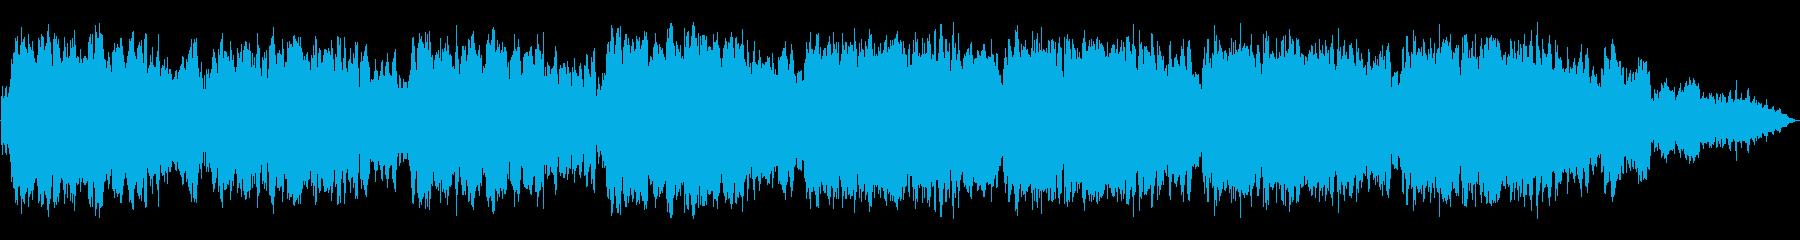 シンセサイザーとケーナの静かな即興音楽の再生済みの波形